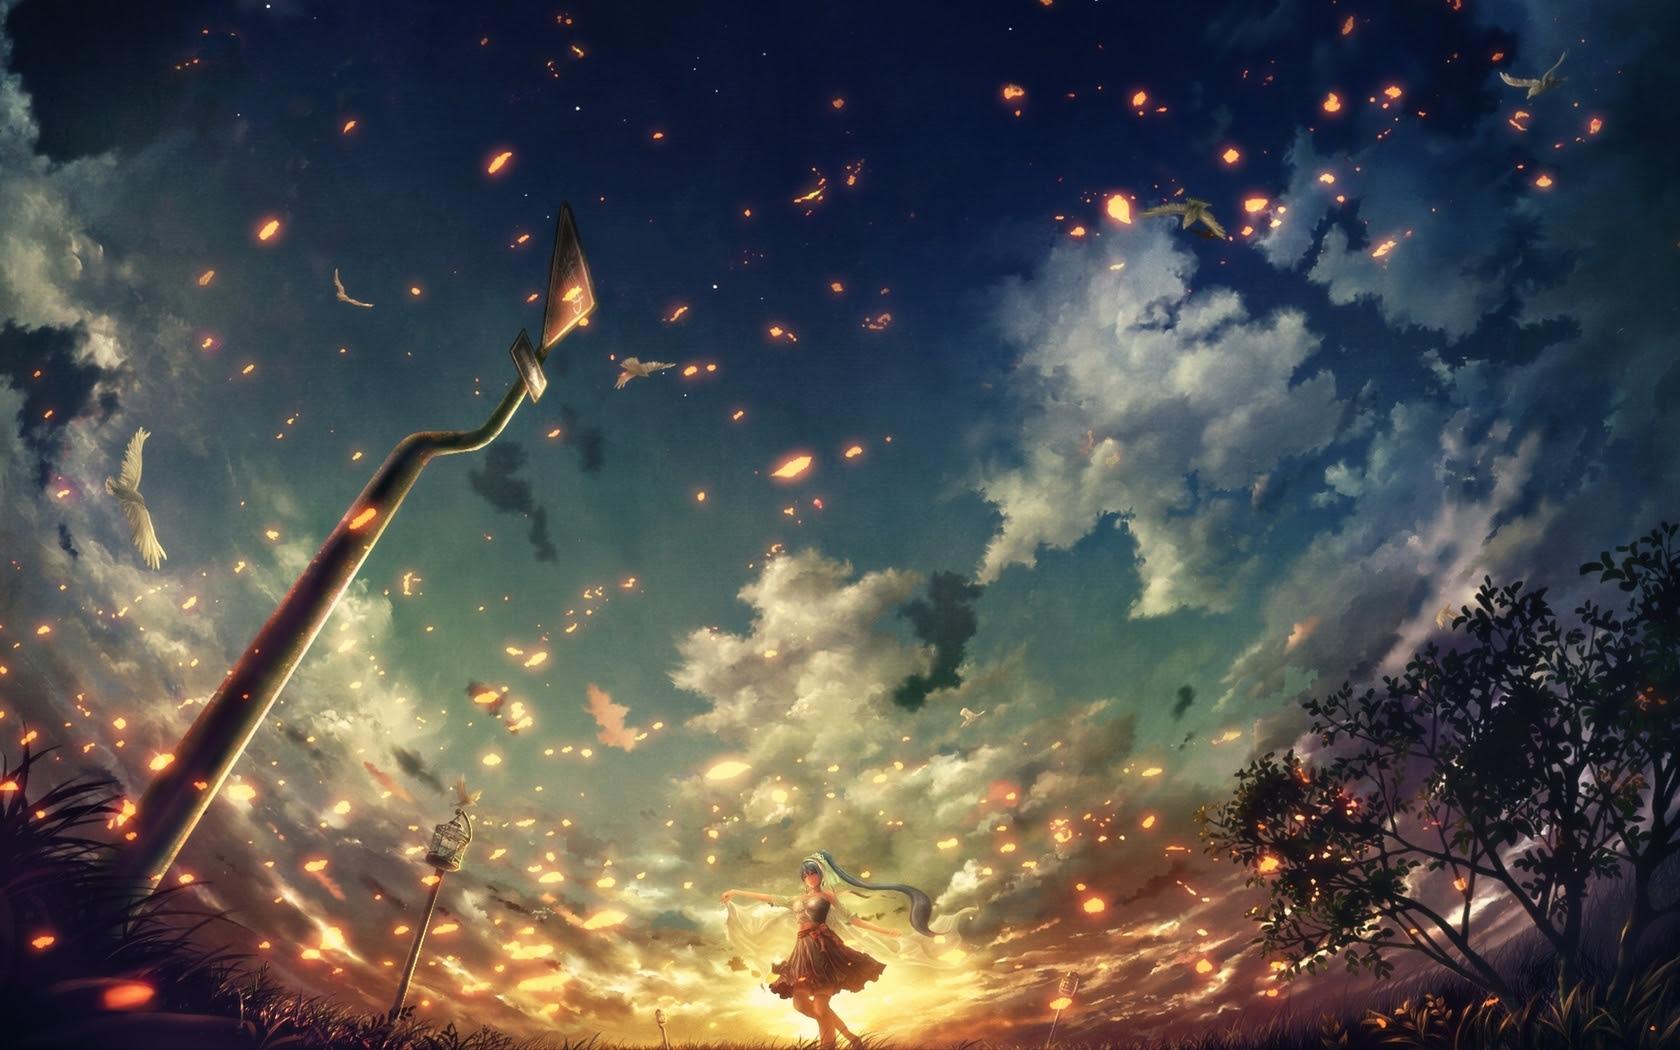 Anime - Vocaloid  - Hatsune - Miku - Papel De Parede - Idol Papel de Parede